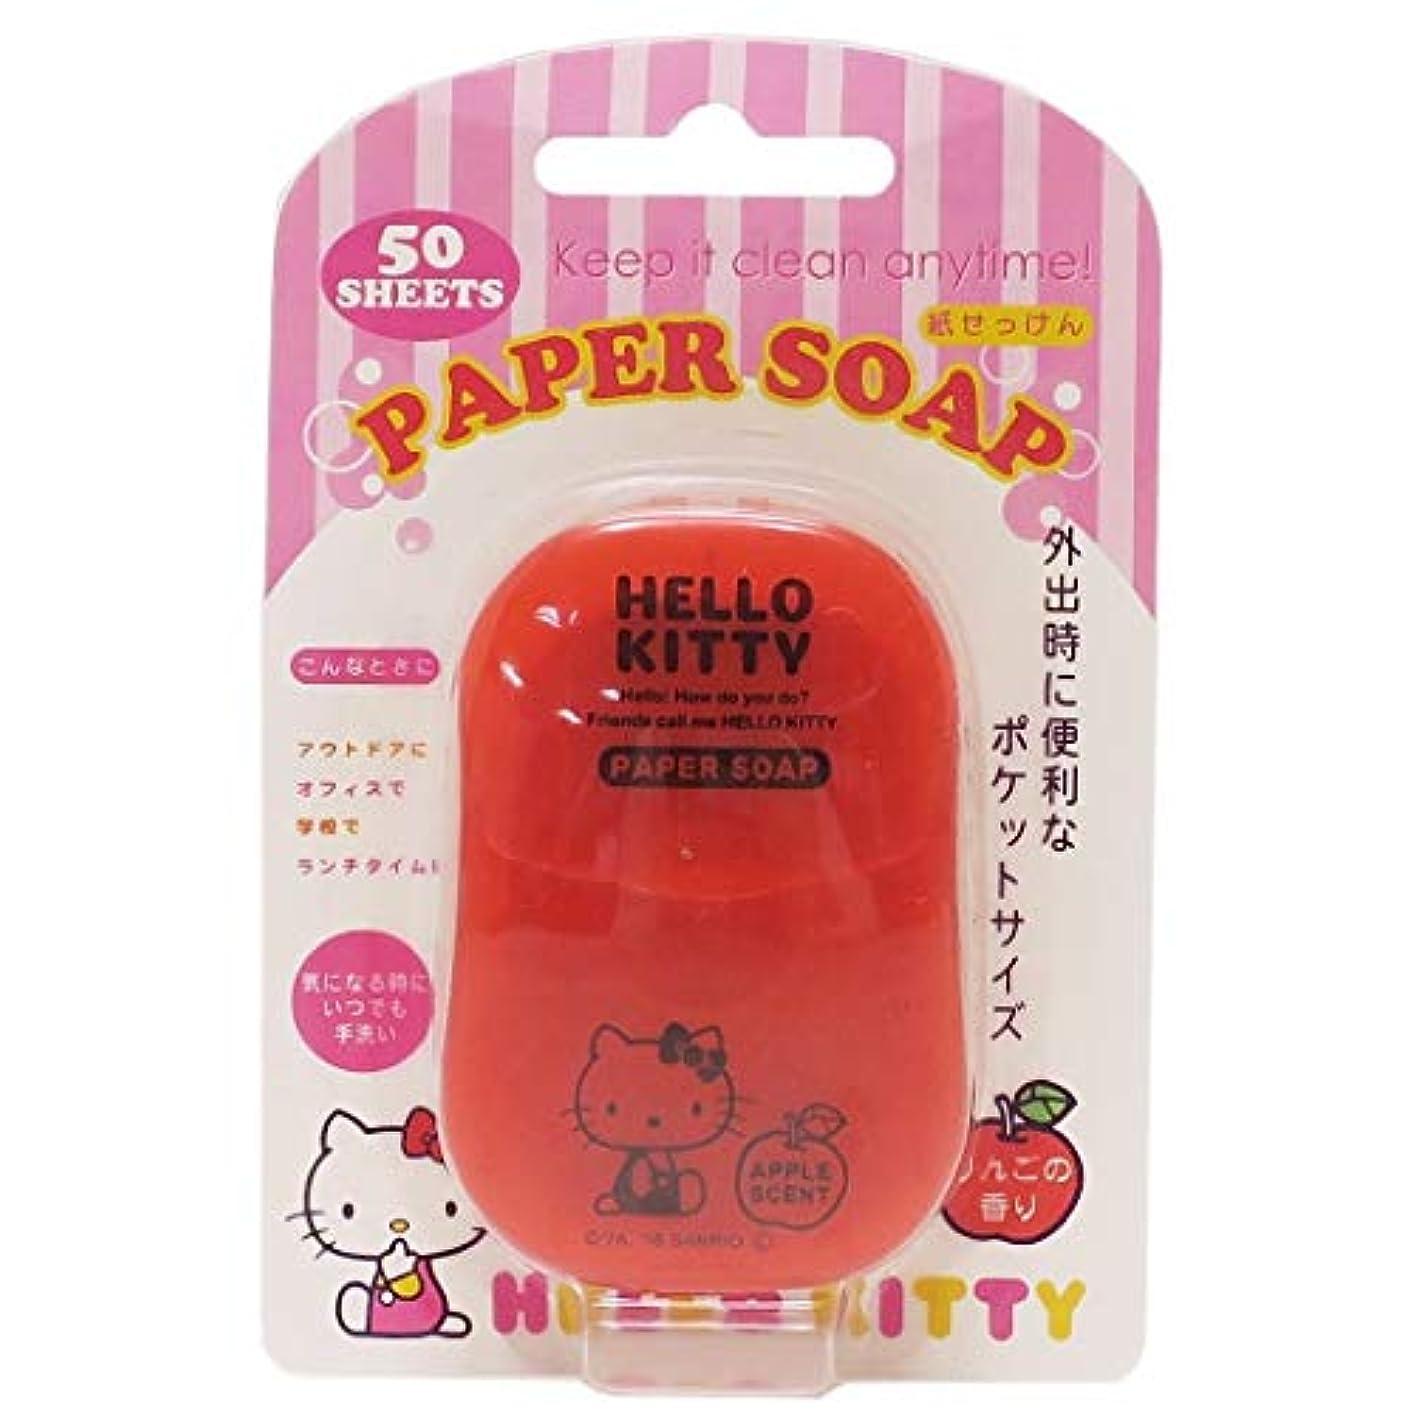 累積庭園砦【 2個 セット 】 ハローキティ キャラクター 紙石鹸 りんごの香り 100枚入り (50枚×2個)